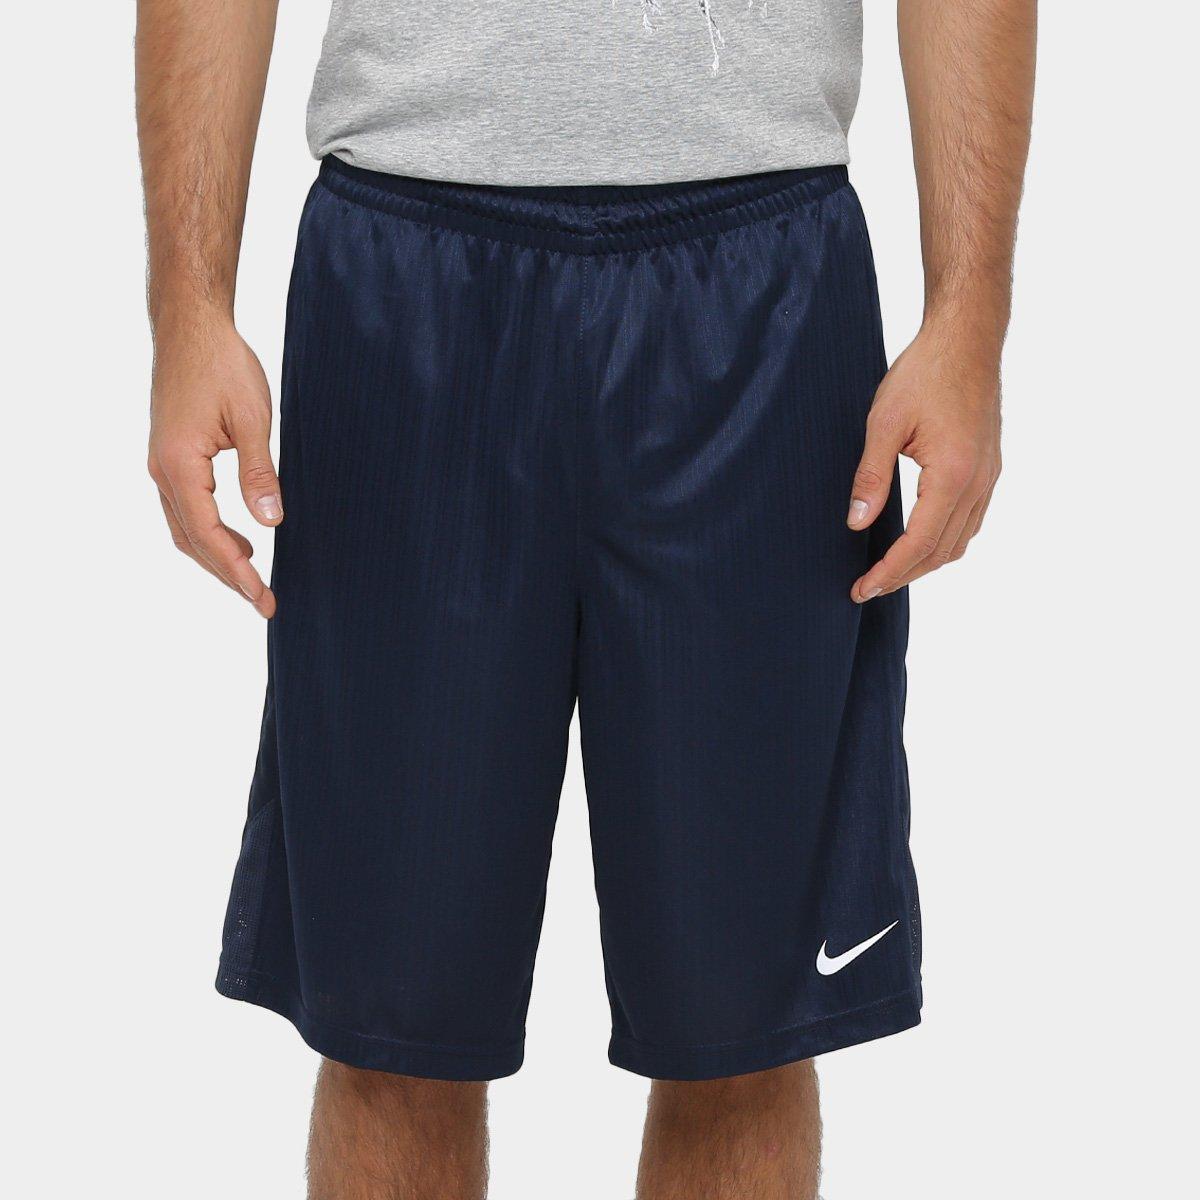 Bermuda Nike Layup 2.0 Masculina - Compre Agora  e7d41cde8601d